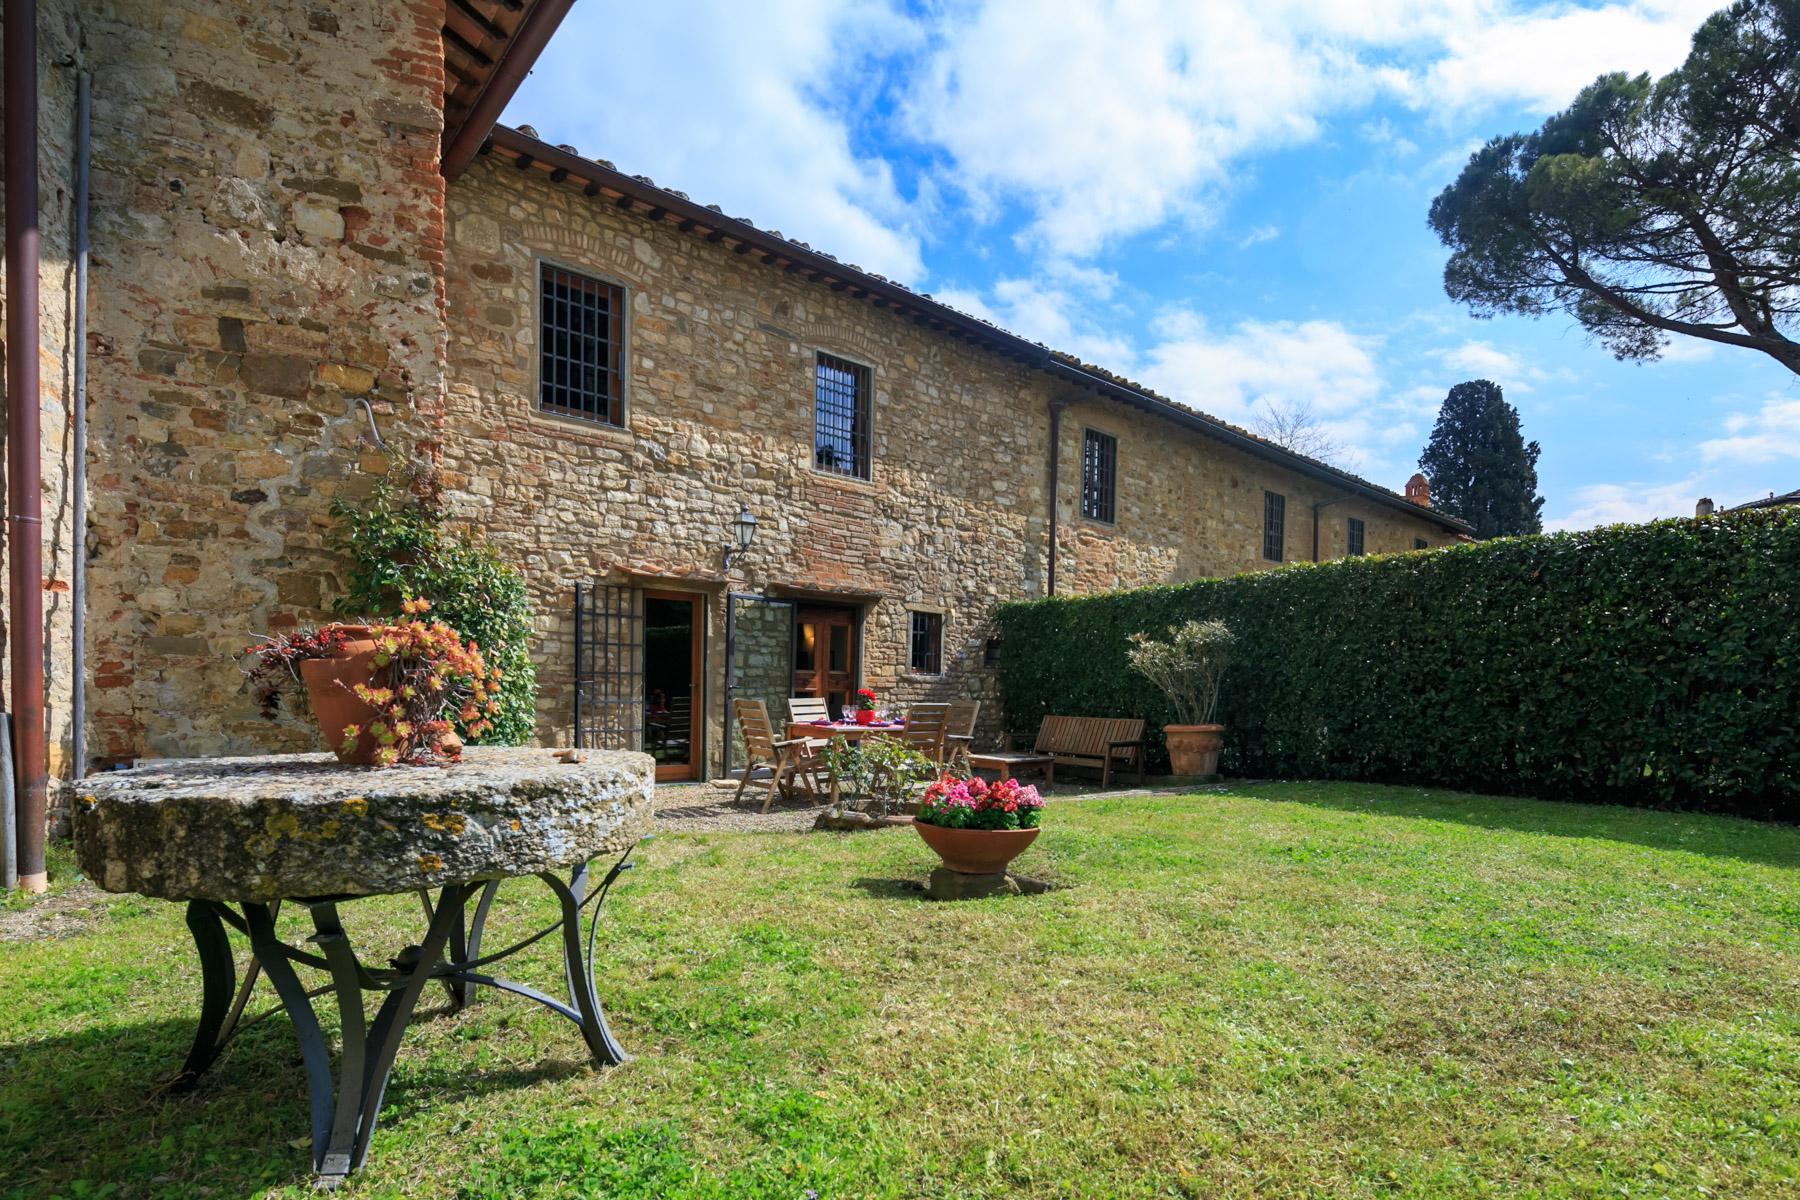 Rustico in Vendita a Firenze Periferia: 5 locali, 230 mq